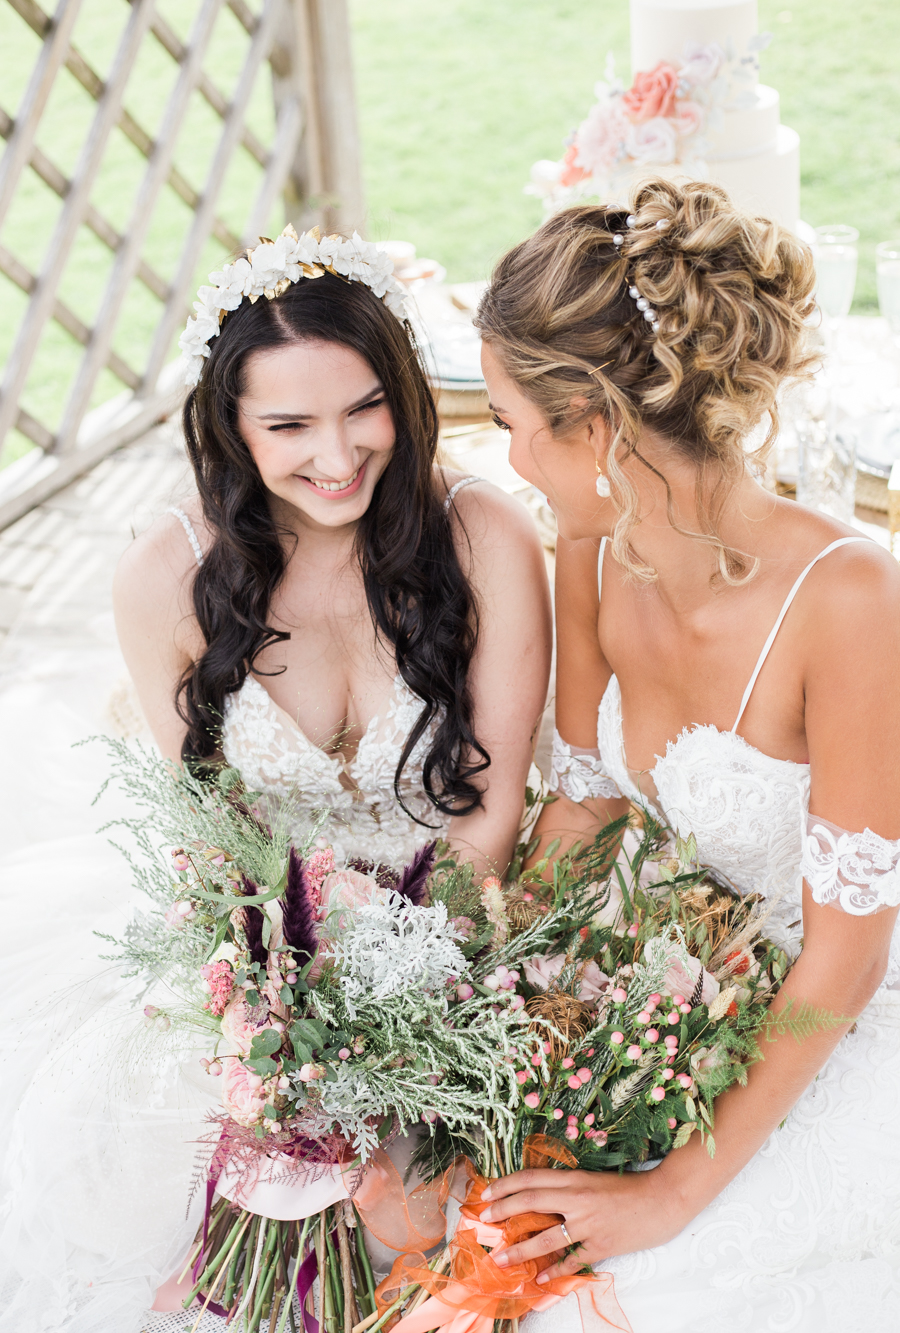 Hertfordshire Boho Themed Styled Wedding Shoot, photographer credit Absolute Photo UK (17)